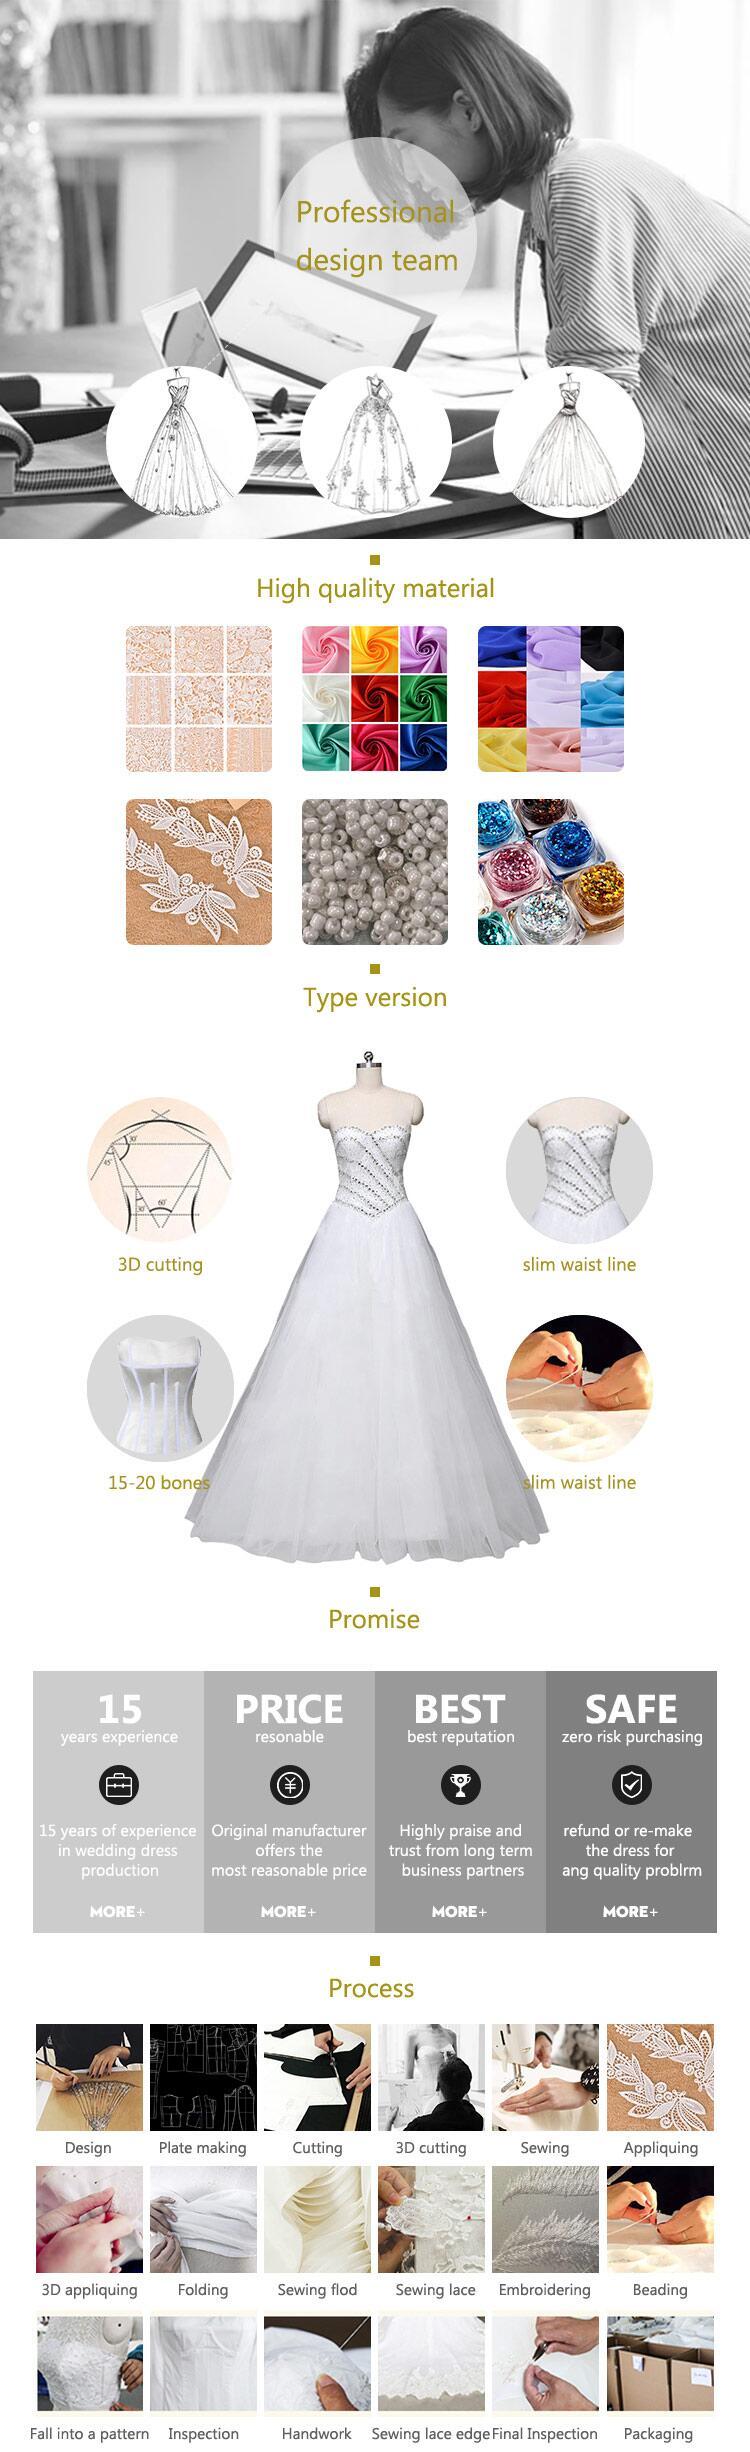 Teal Blue Korte Avondjurken Uk EEN Lijn Sweetheart Gold Applicaties Prom Jassen Zomer Outfits Sexy Vrouwen Diner Jurk 2019 - 5